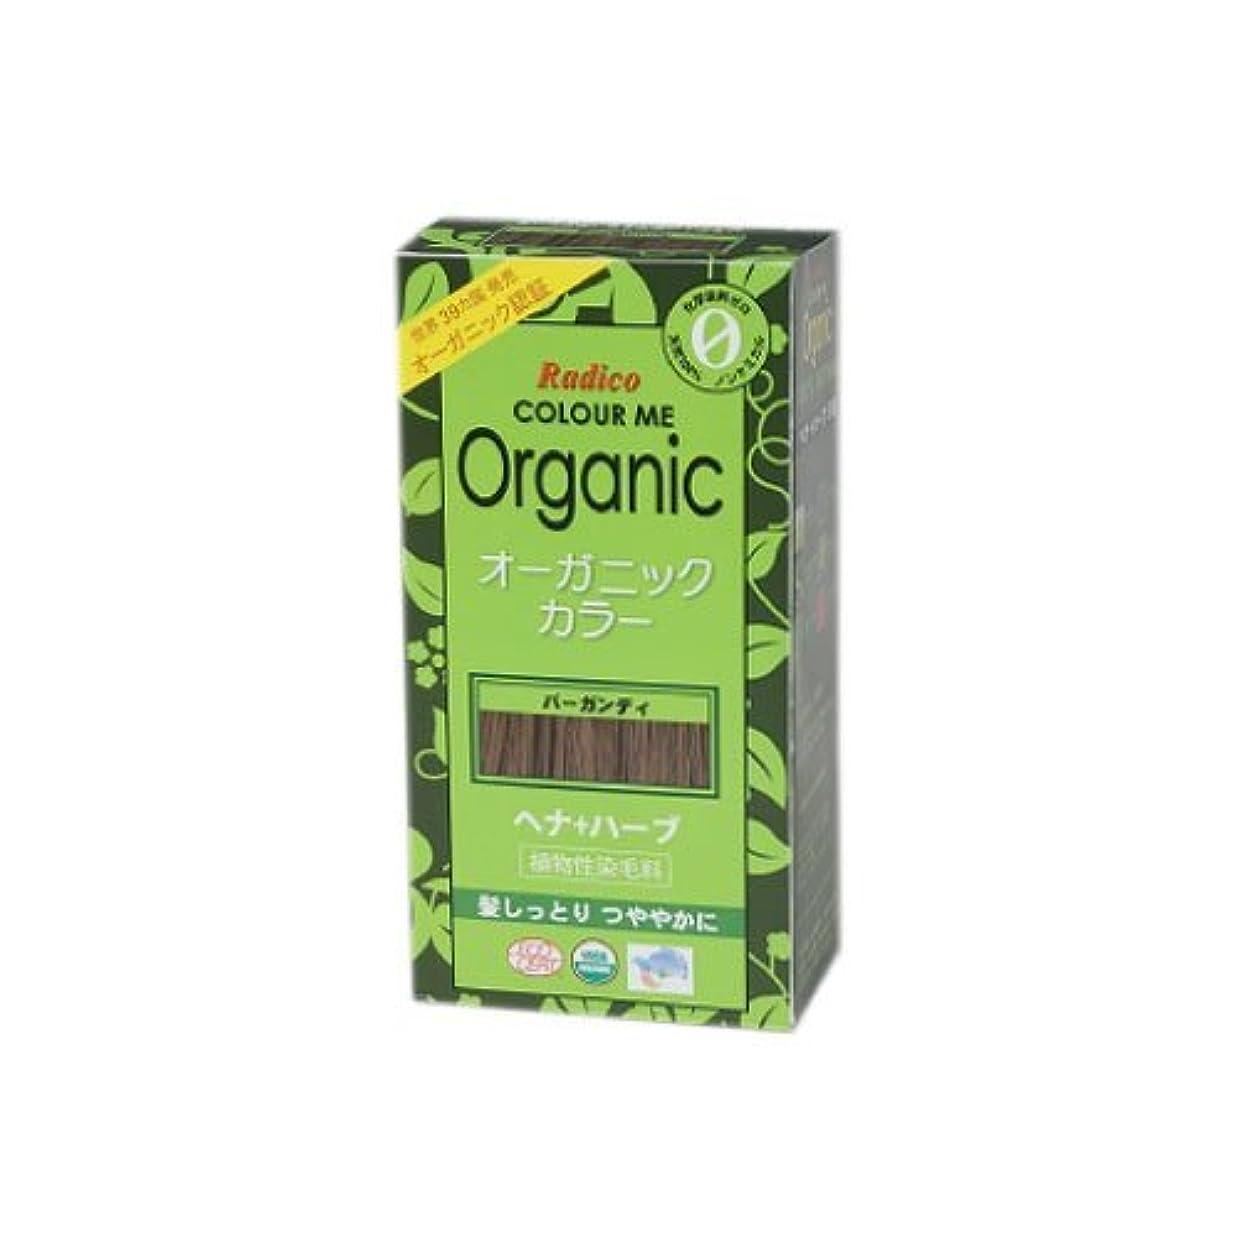 称賛データベース迷路COLOURME Organic (カラーミーオーガニック ヘナ 白髪用) バーガンディ 100g